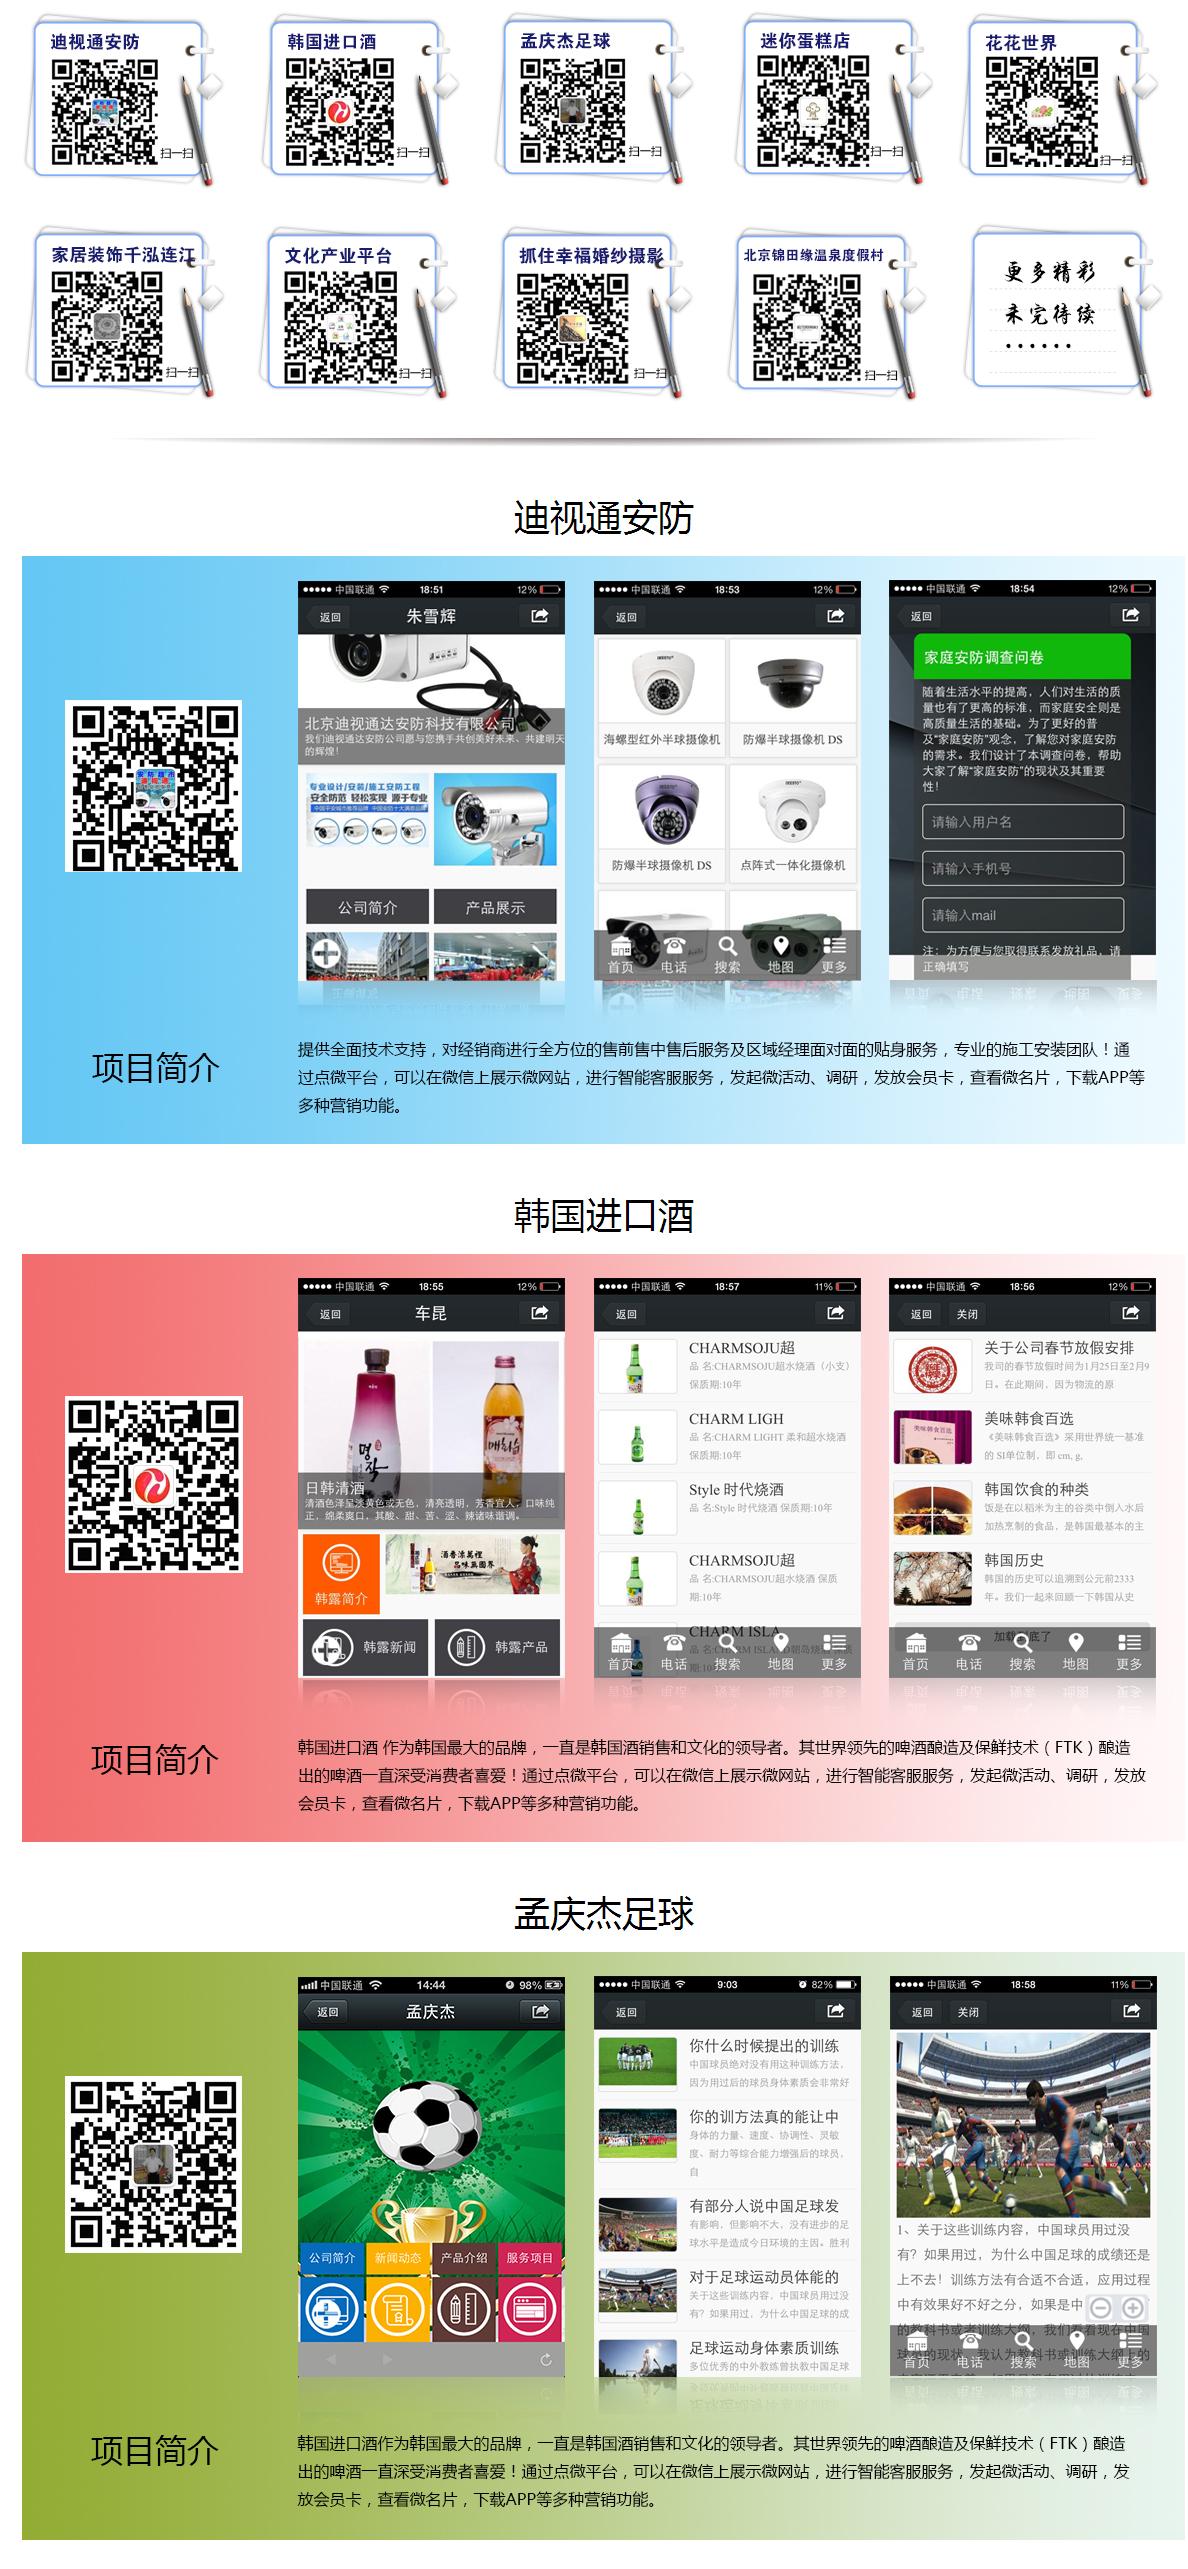 微信营销a1